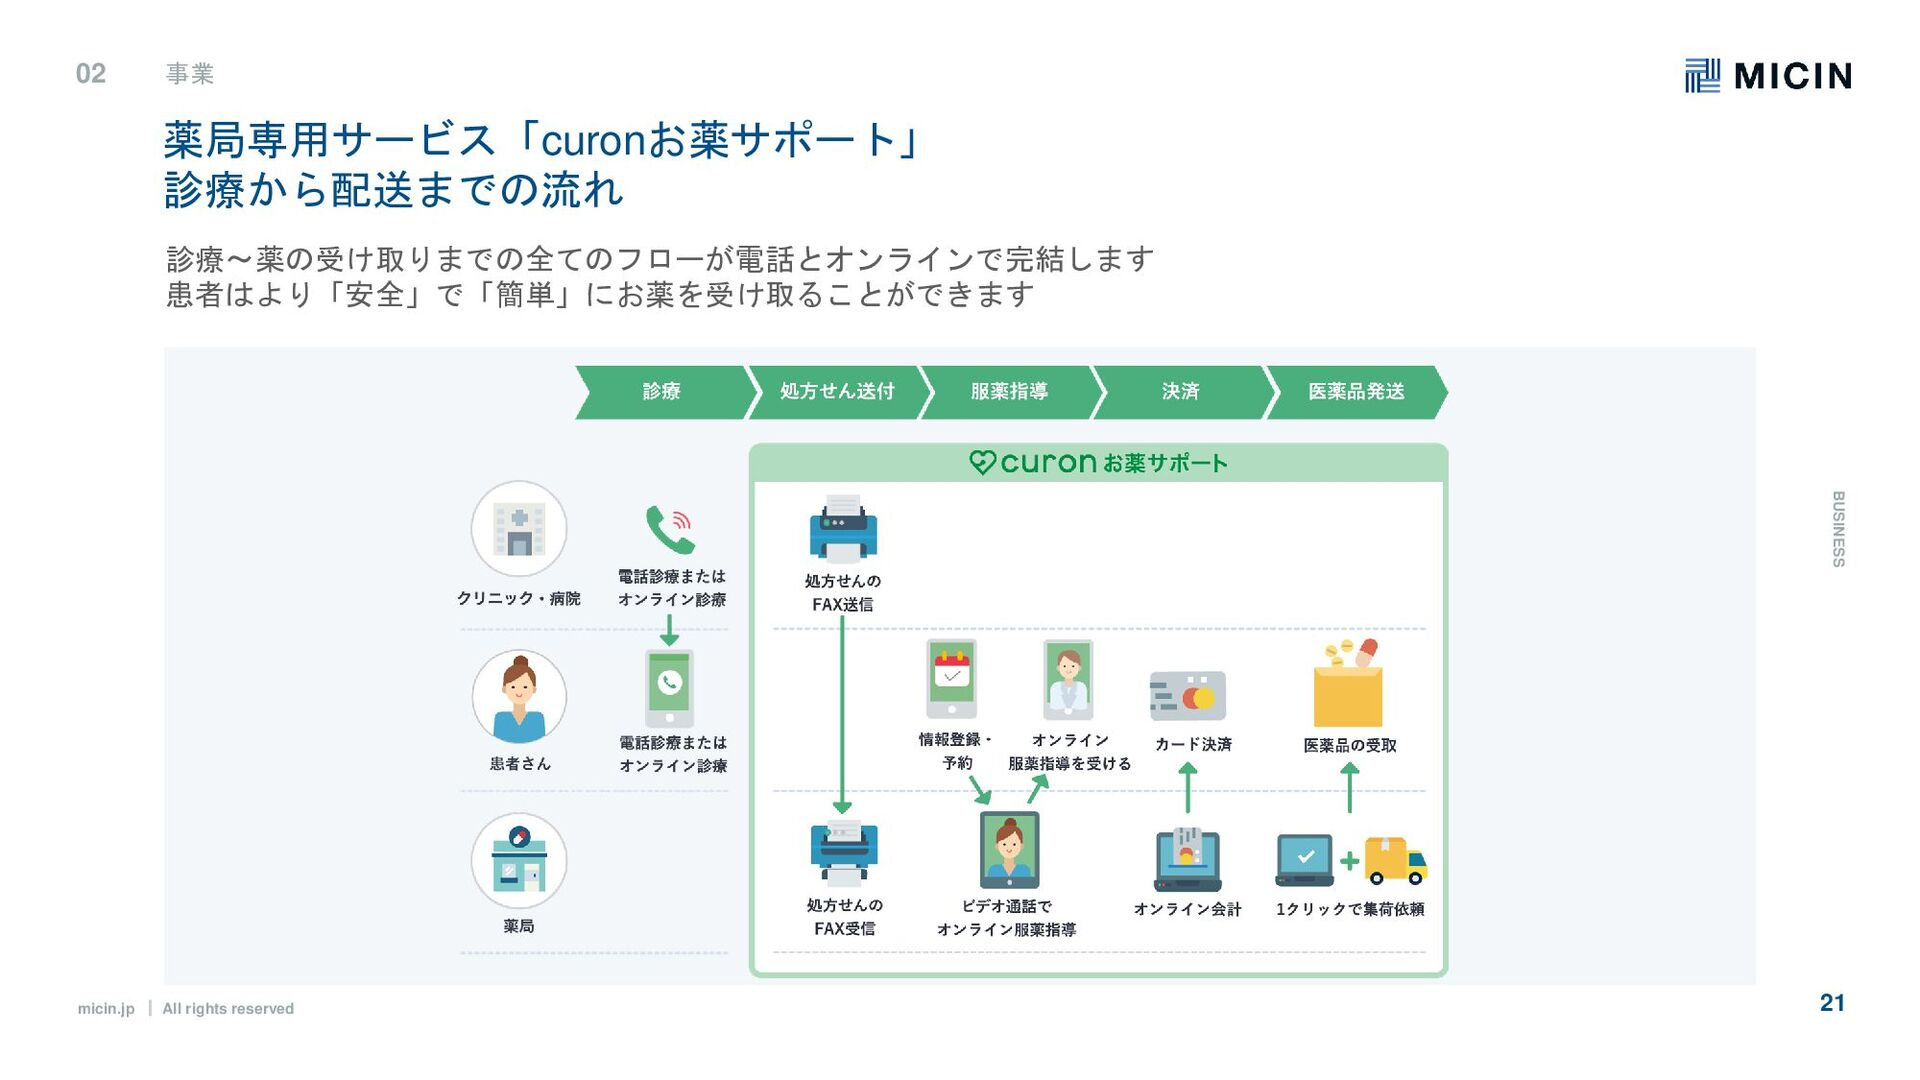 micin.jp ʛ All rights reserved 21 02 事業 B U S I...